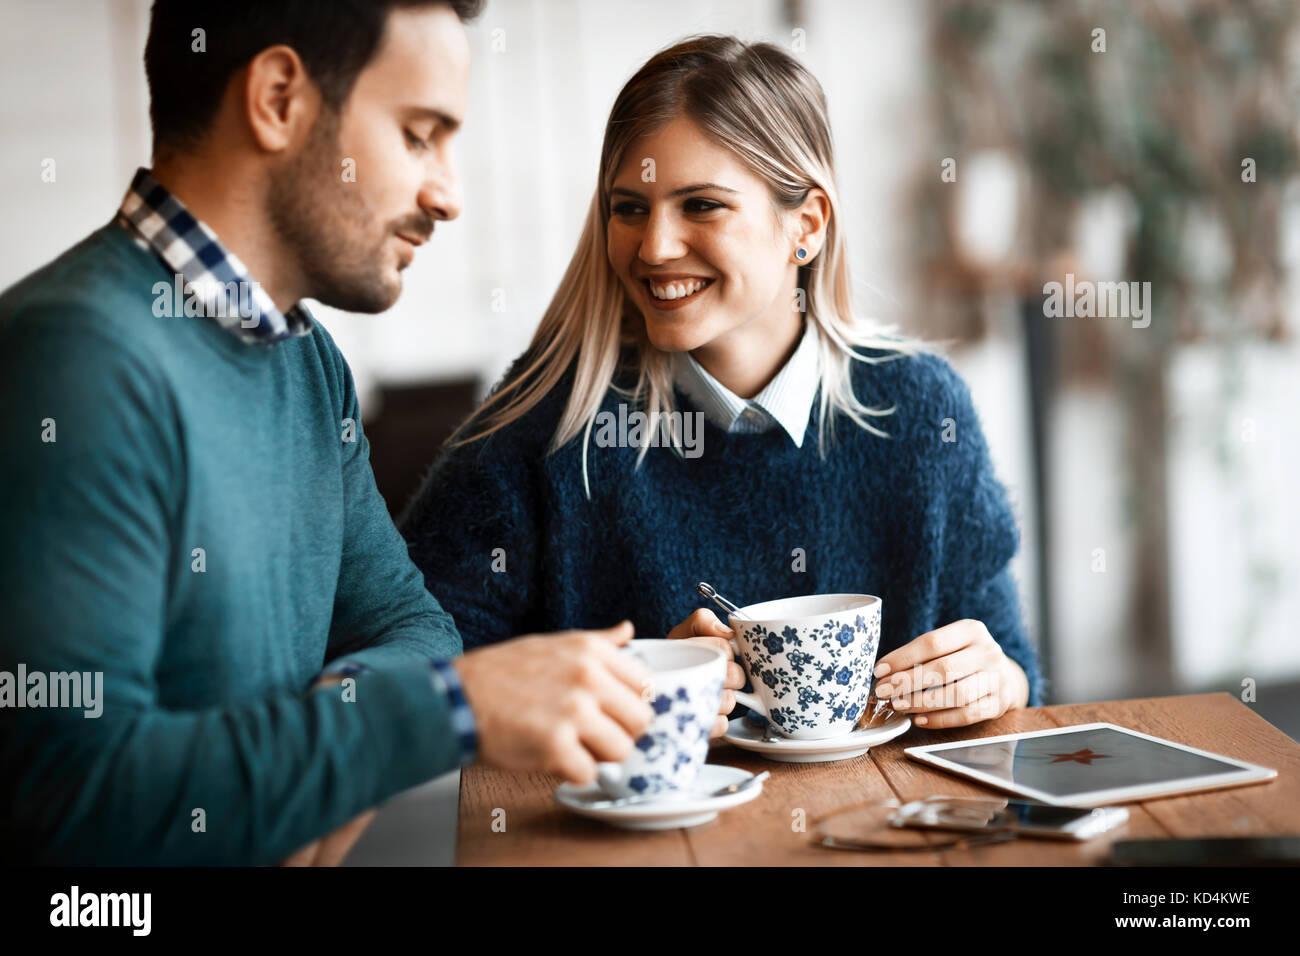 Belle jeune couple having coffee shop en date Banque D'Images